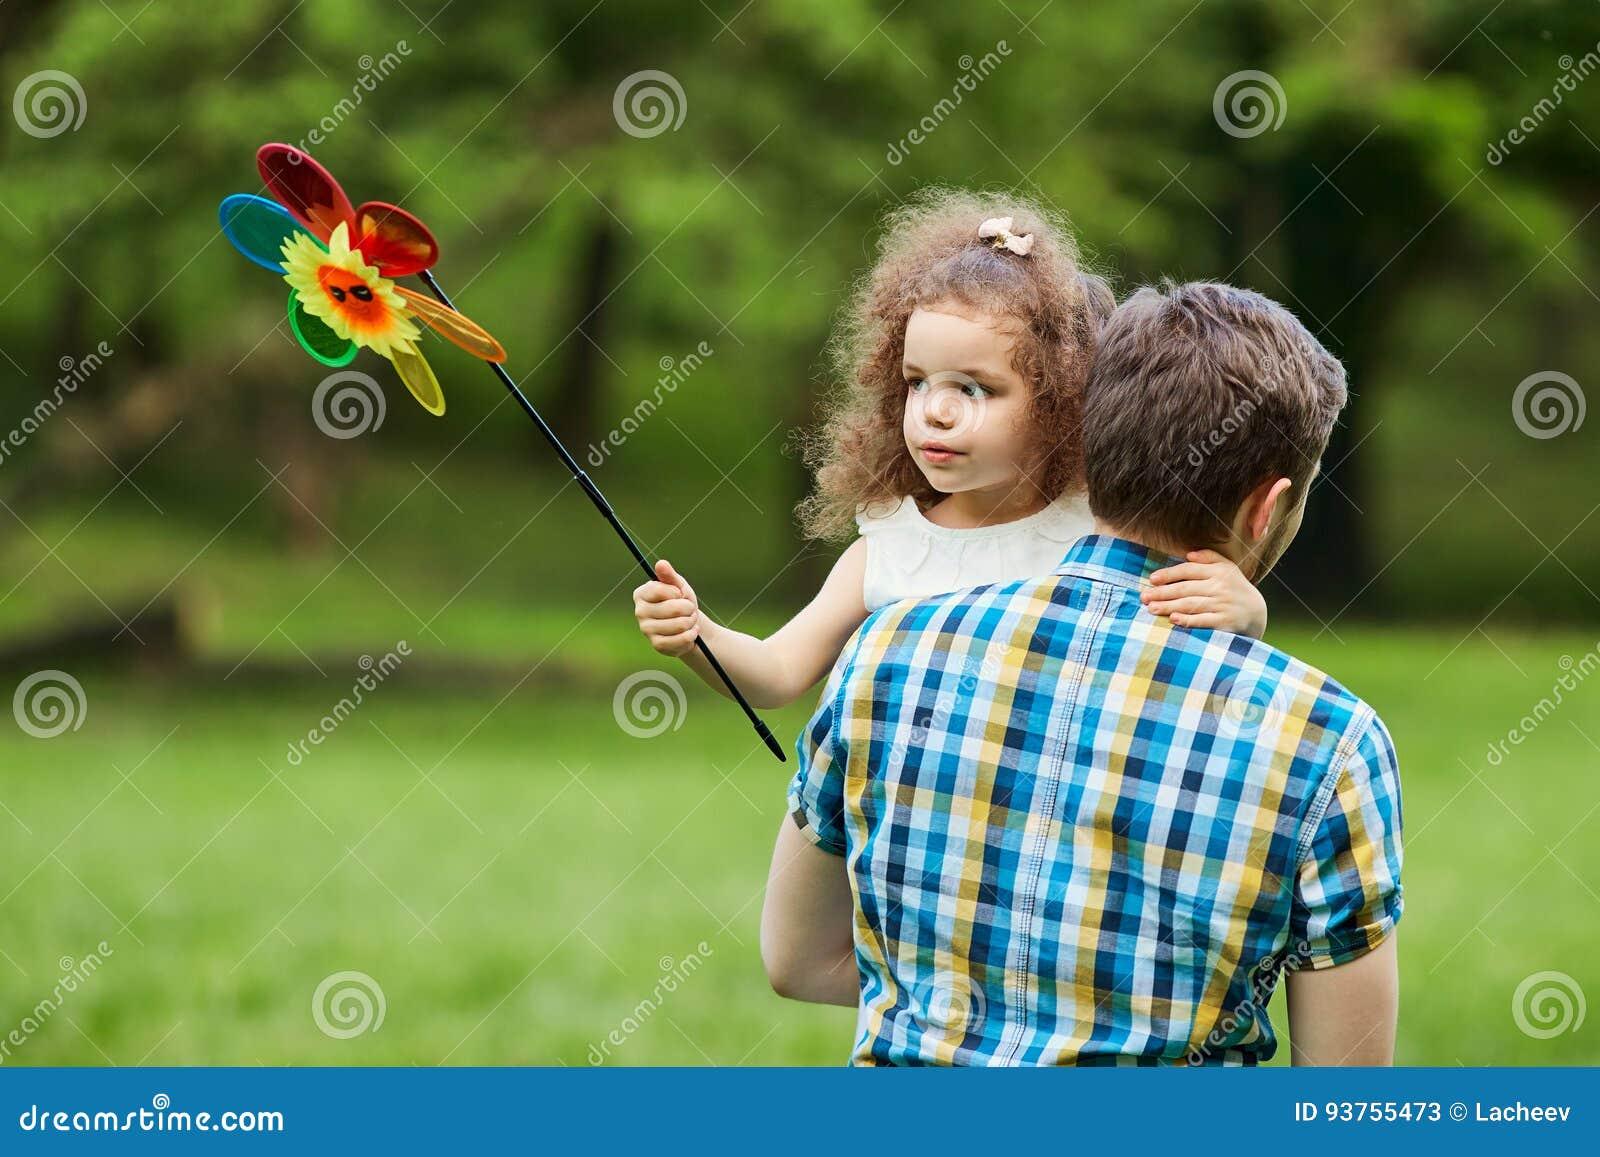 Папа и ребенок идут в парк